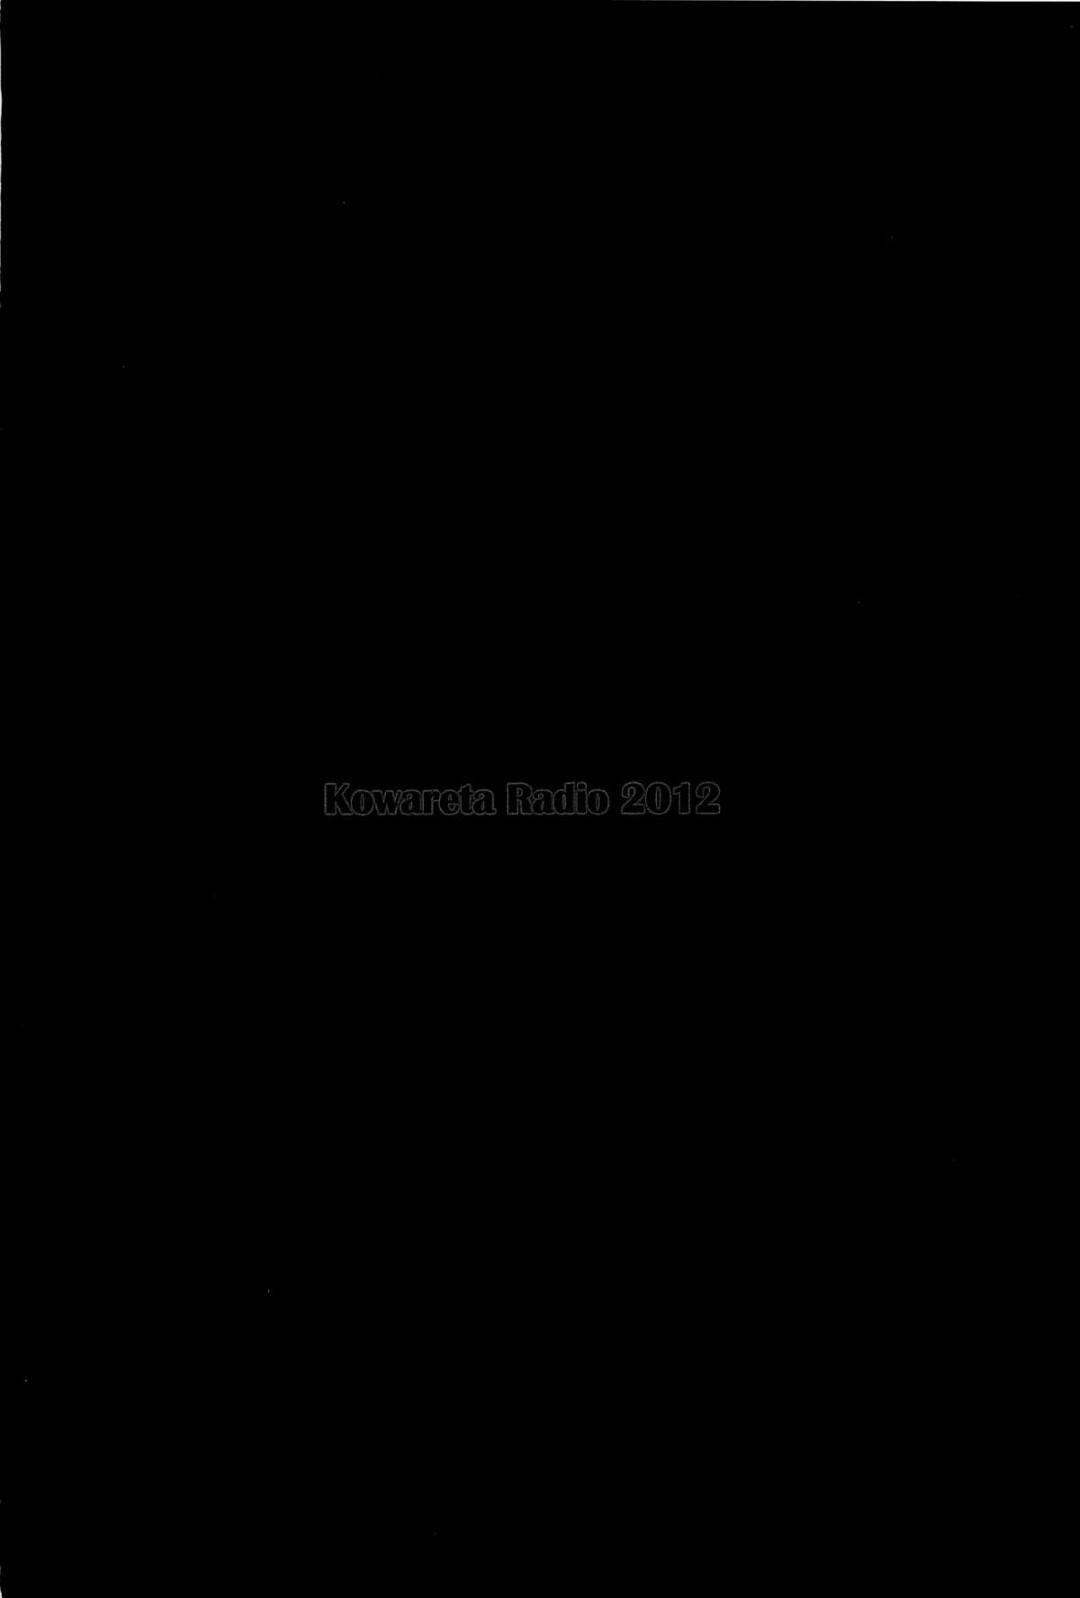 【エロ同人誌】(C82) 体育祭の徒競走で1位を取ったアイドル兼JKの島村卯月…悩みの種である先輩たちからの呼び出しに応じて体育倉庫へ向かう!弱みを握られているため性欲処理も受け入れなければならず肉便器となる!【コワレ田ラジ男 (ヒーローキィ):ドスケベシンデレラ島村卯月/アイドルマスター シンデレラガールズ】